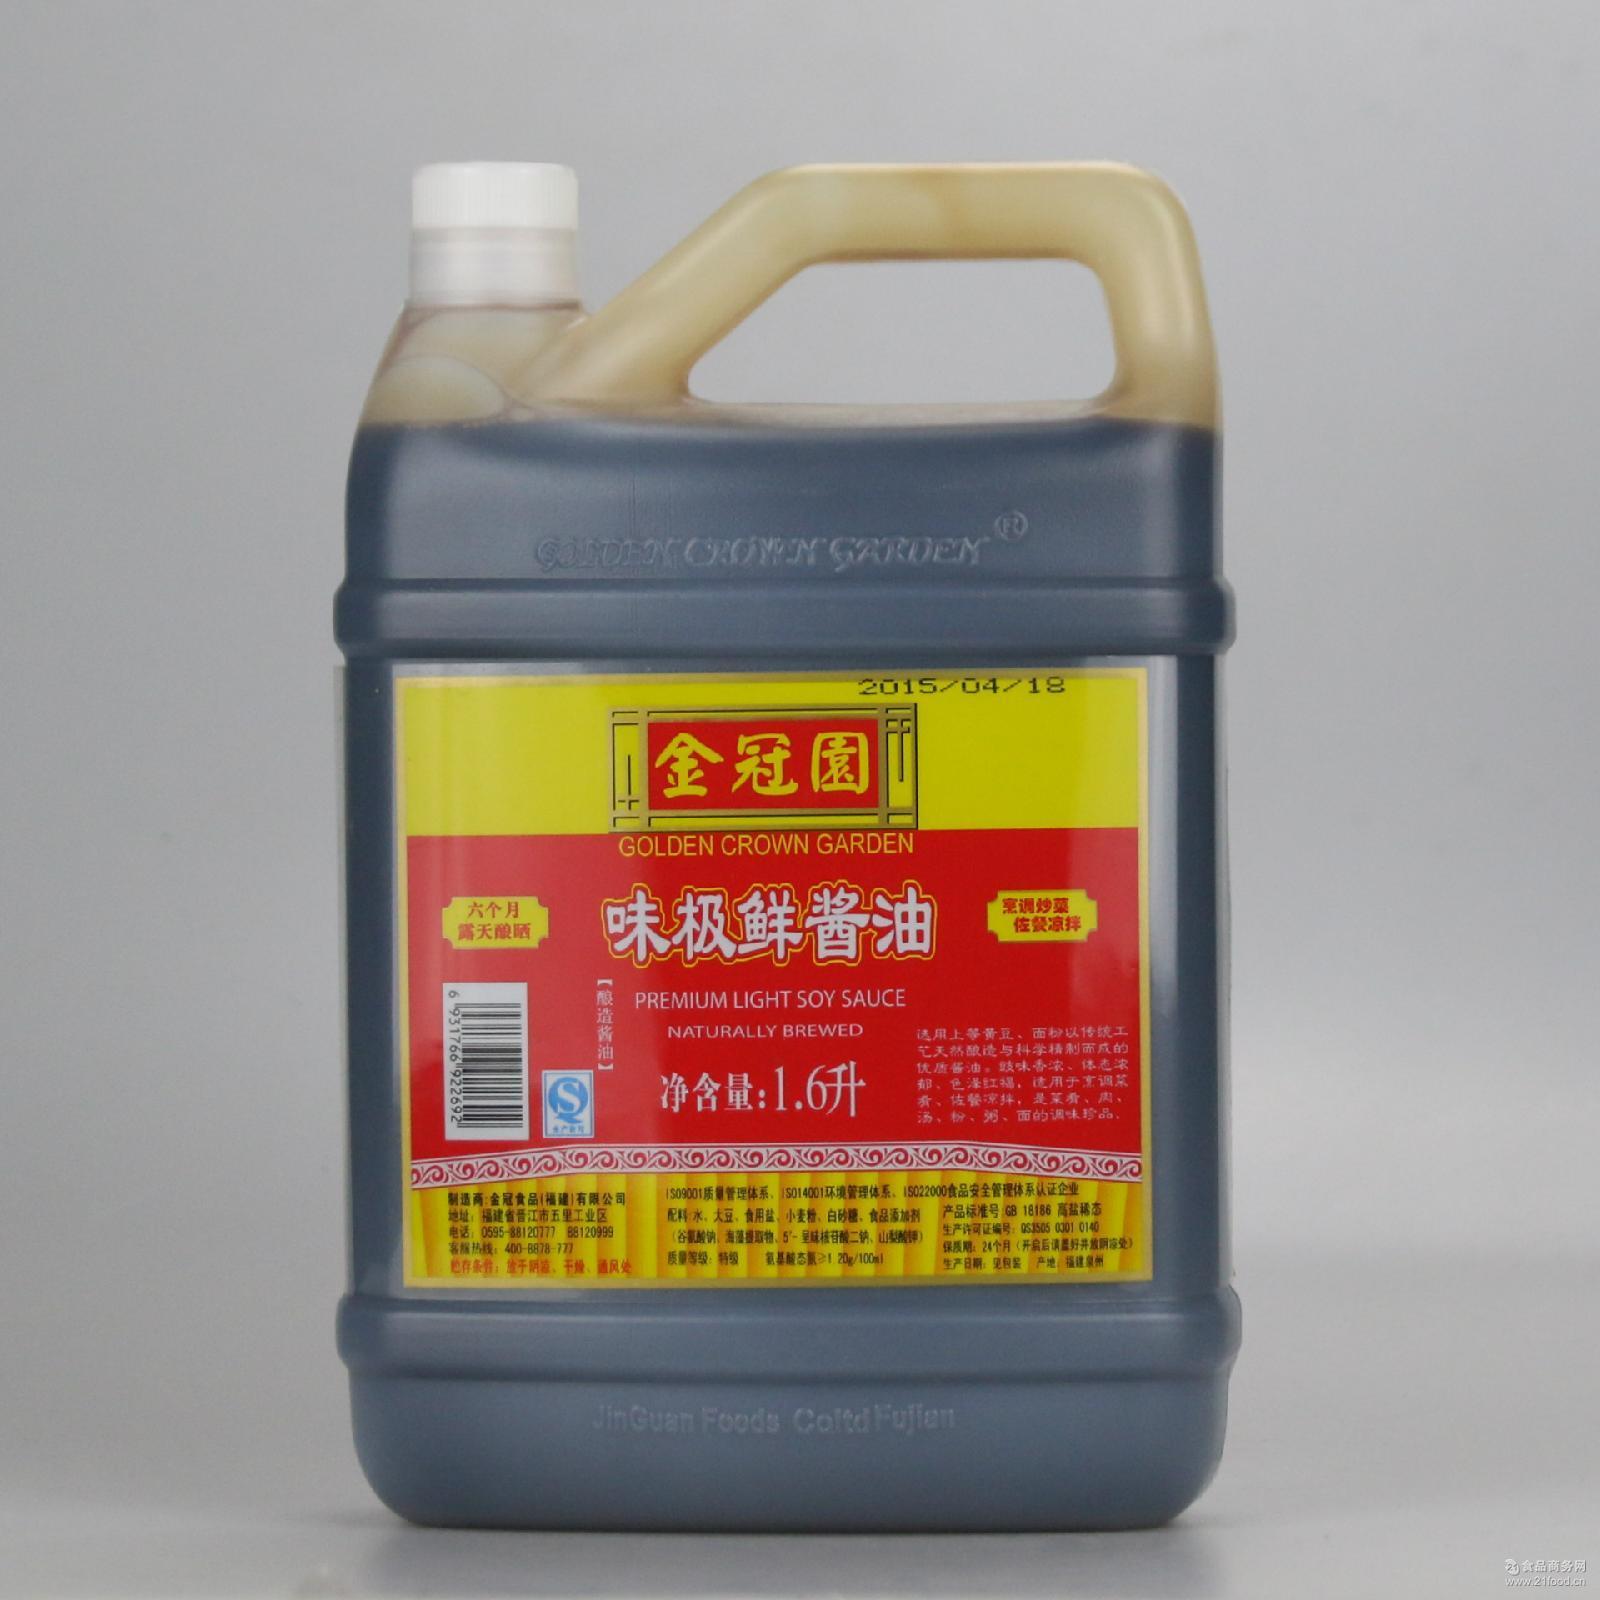 厂家直销 金冠园-味极鲜酱油1600ml 180天自然酿晒精致酱油